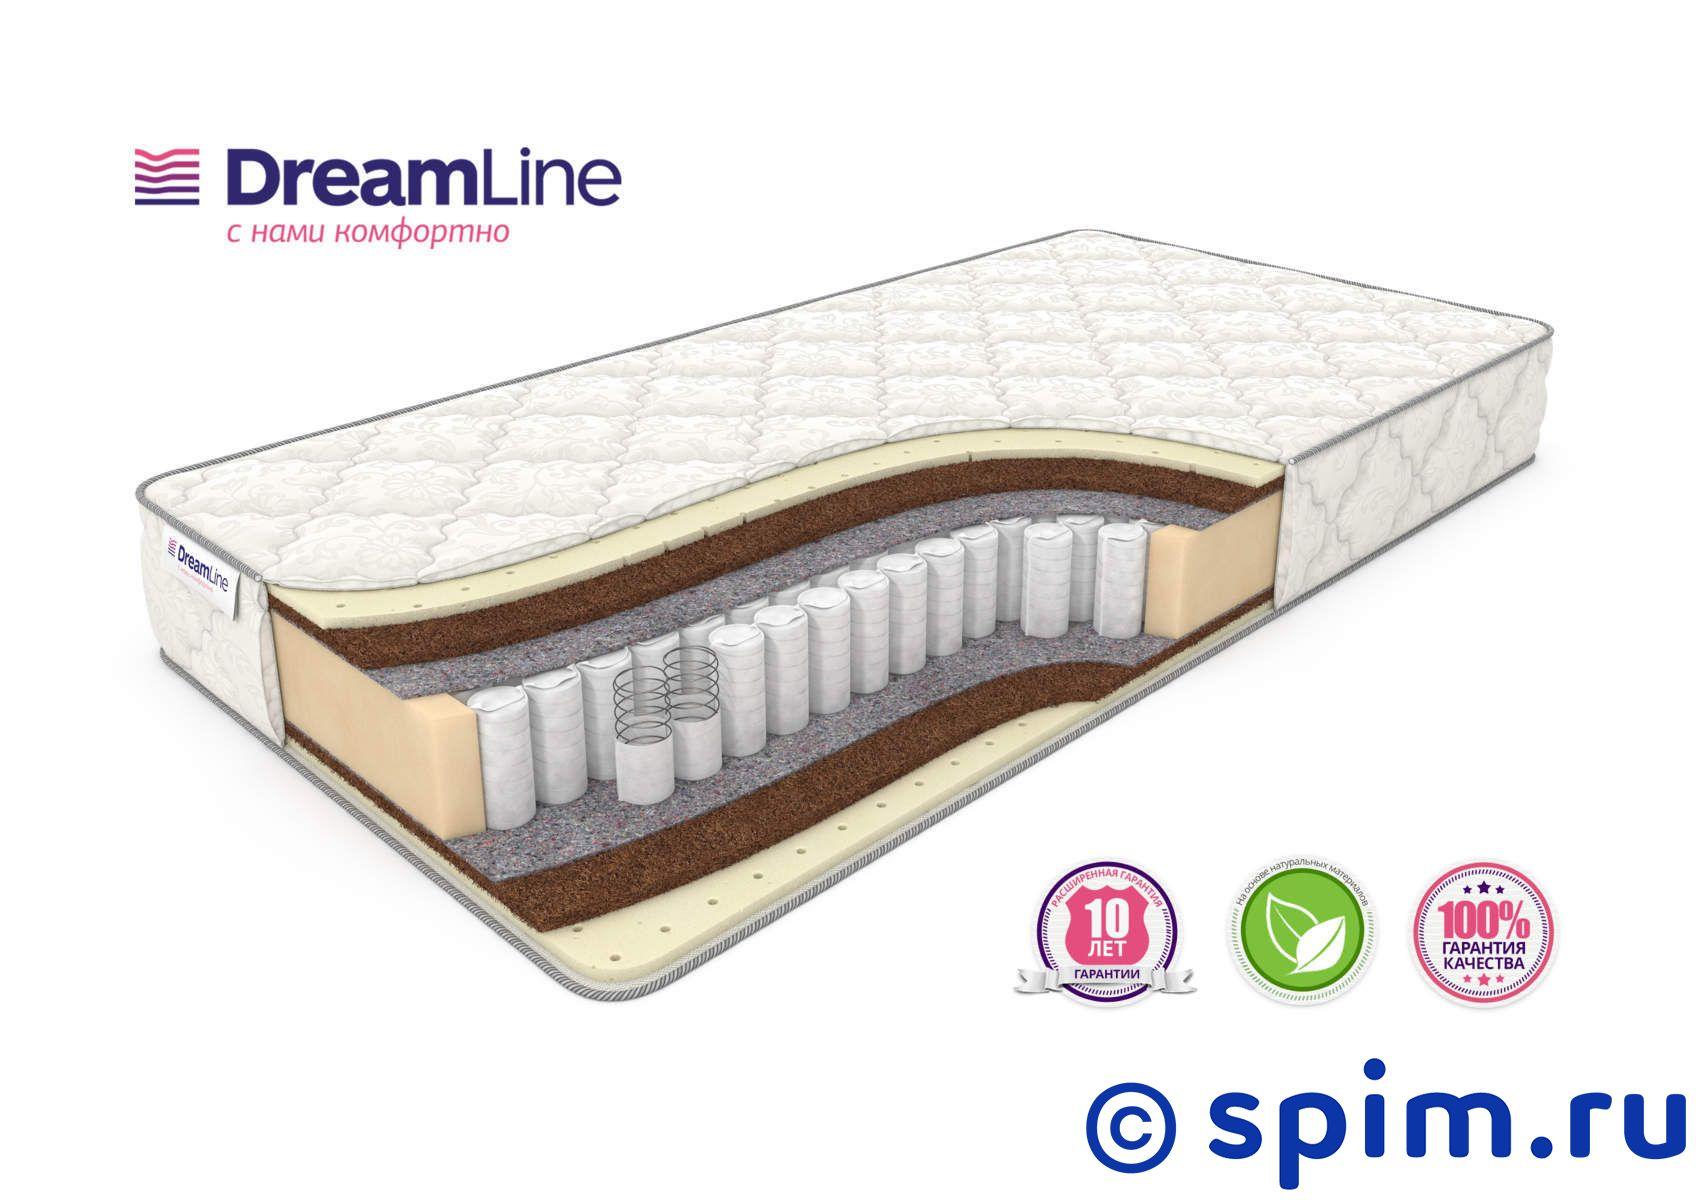 Матрас DreamLine Balance Medium Tfk 160х200 смМатрасы DreamLine Balance<br>Матрас средней жесткости на независимых пружинах (250 шт/м2), с прослойками кокоса и натурального латекса. Несъемный чехол из хлопкового жаккарда. Высота: 21 см. Нагрузка: до 120 кг. Размер ДримЛайн Баланс Медиум Тфк двуспальный: 160 x 200 см<br><br>Ширина см: 160<br>Длина см: 200<br>Линейка: Balance